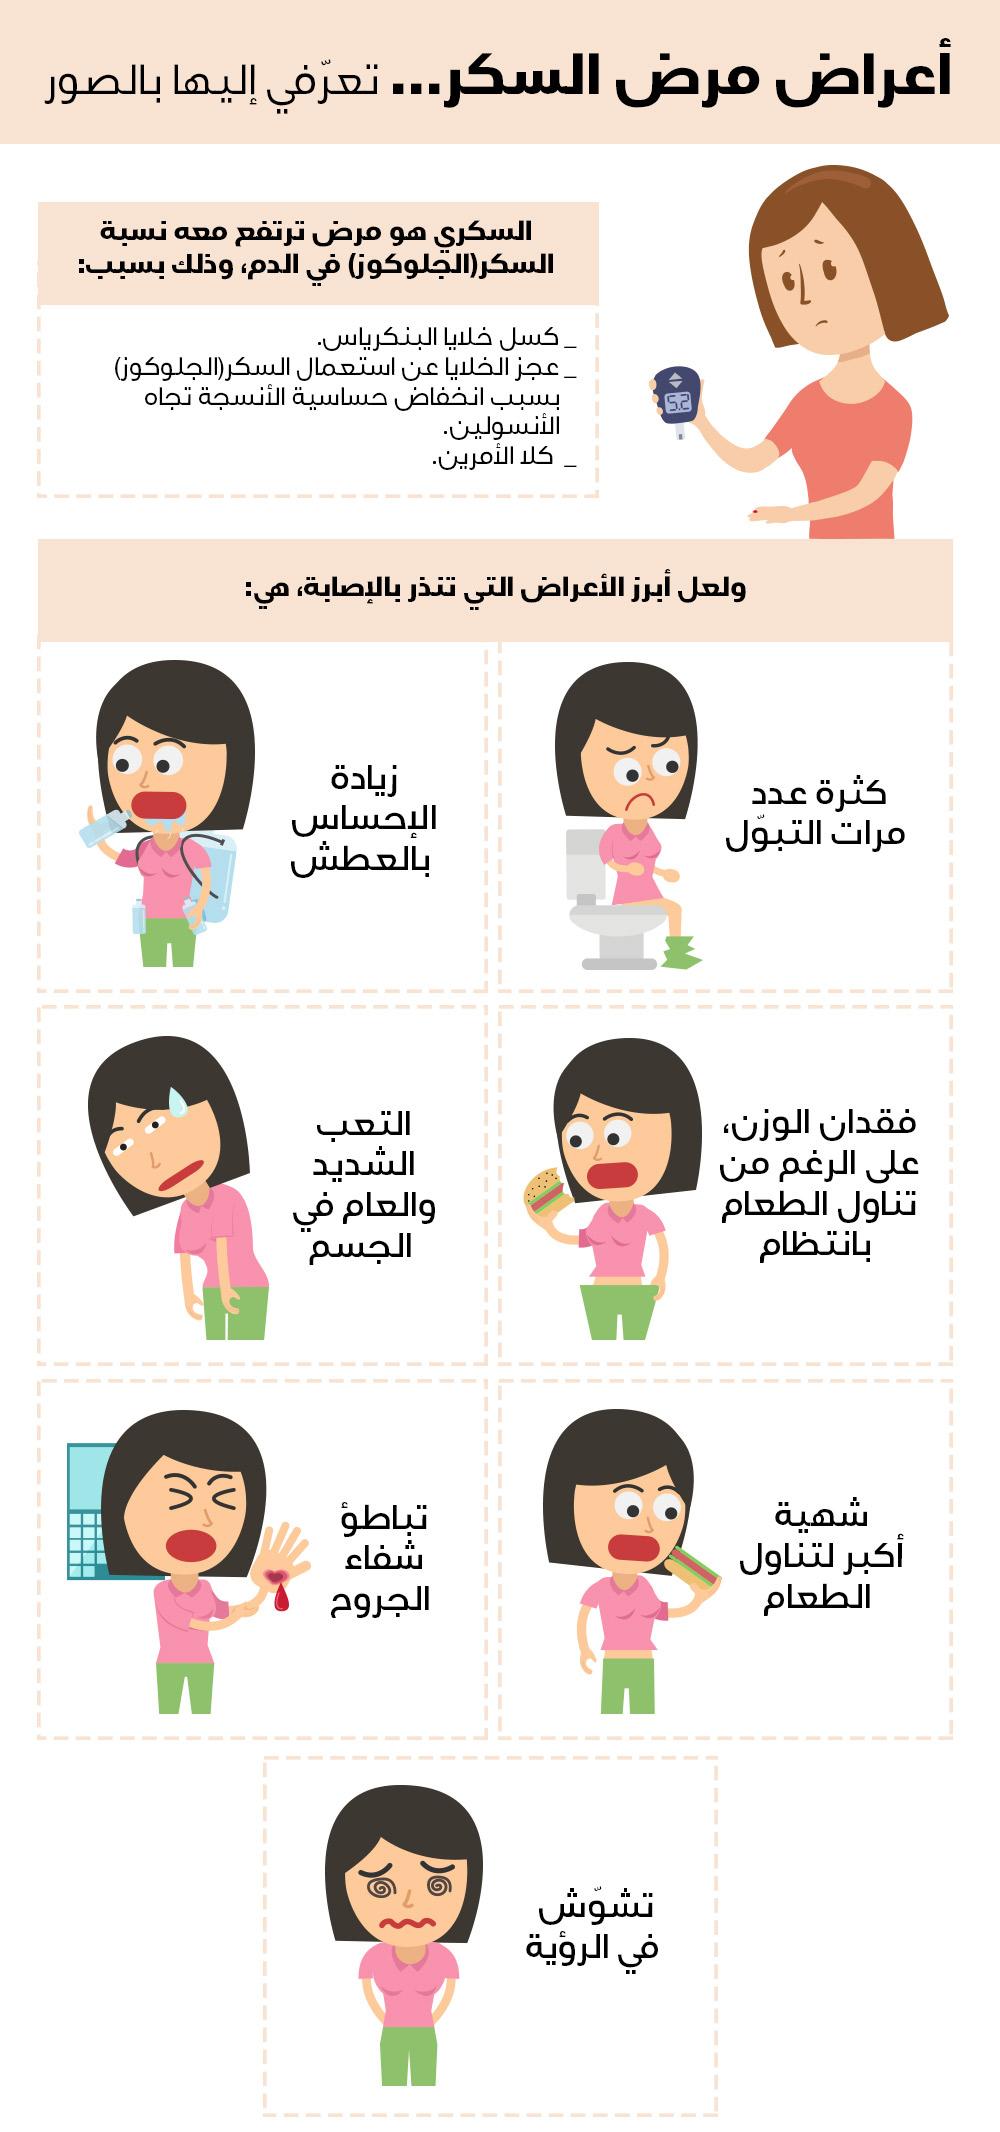 لتقفز حب الاستطلاع عابر اعراض ارتفاع السكر عند النساء Comertinsaat Com